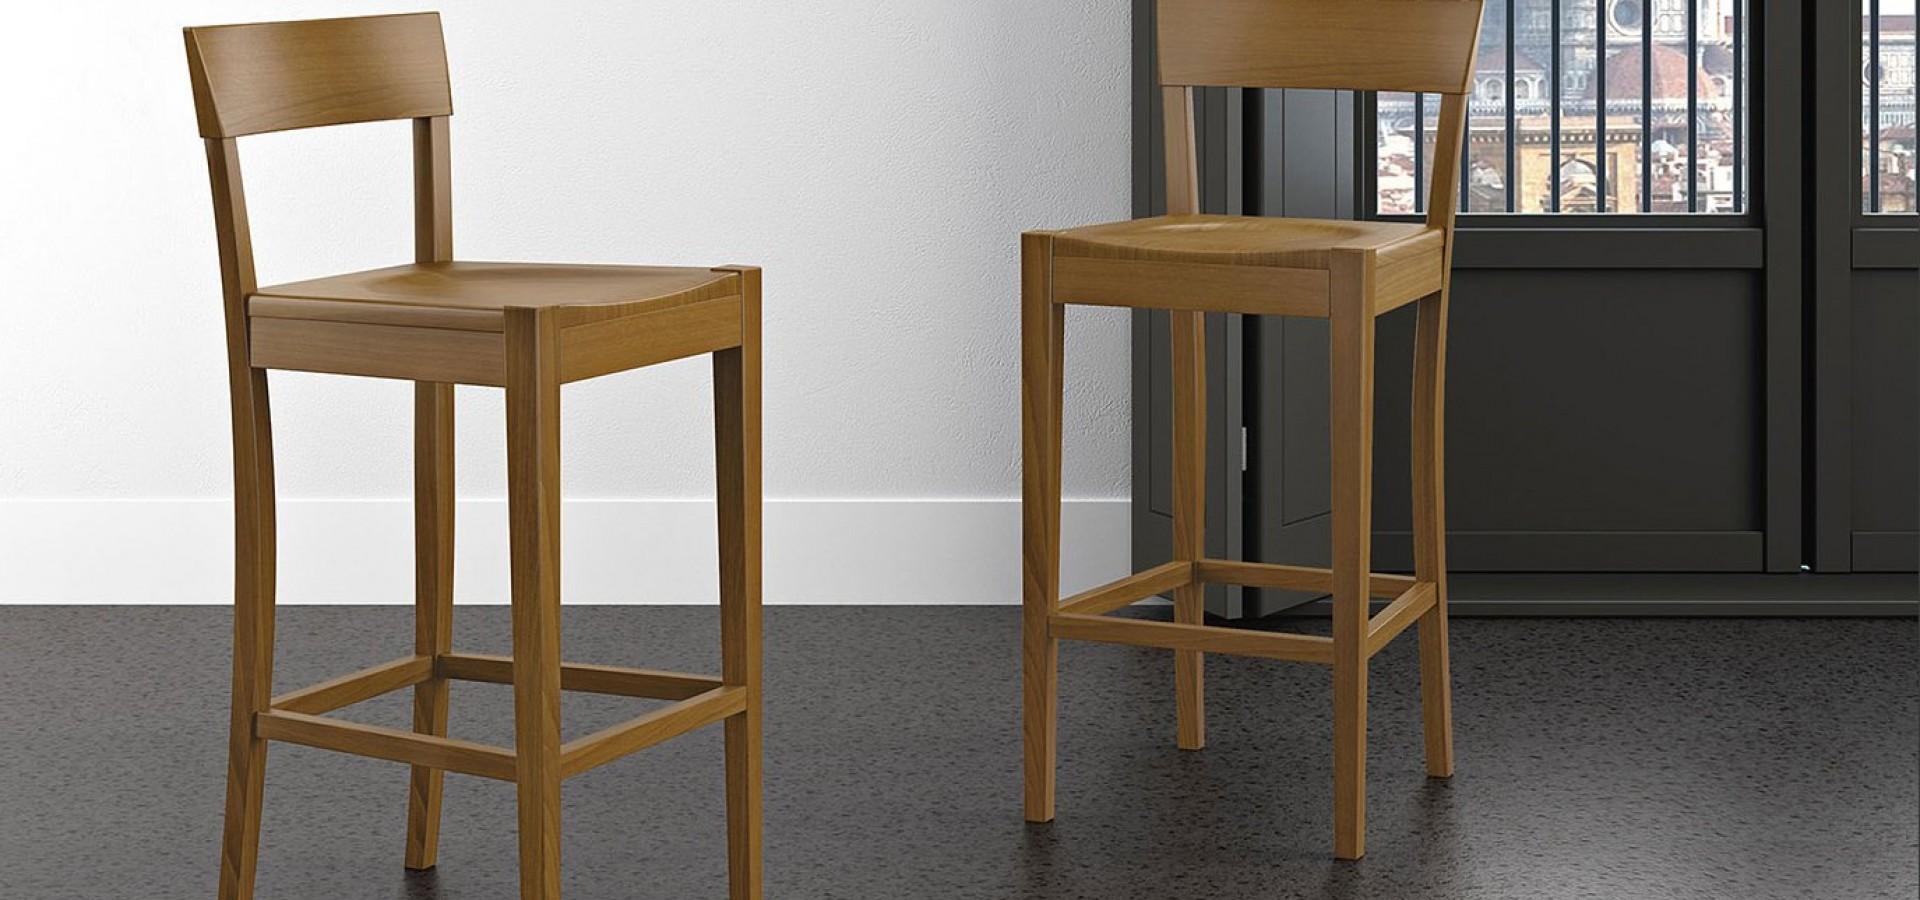 Итальянский стул Барный стул 472 | Стул Барный стул 472 ARREDO3